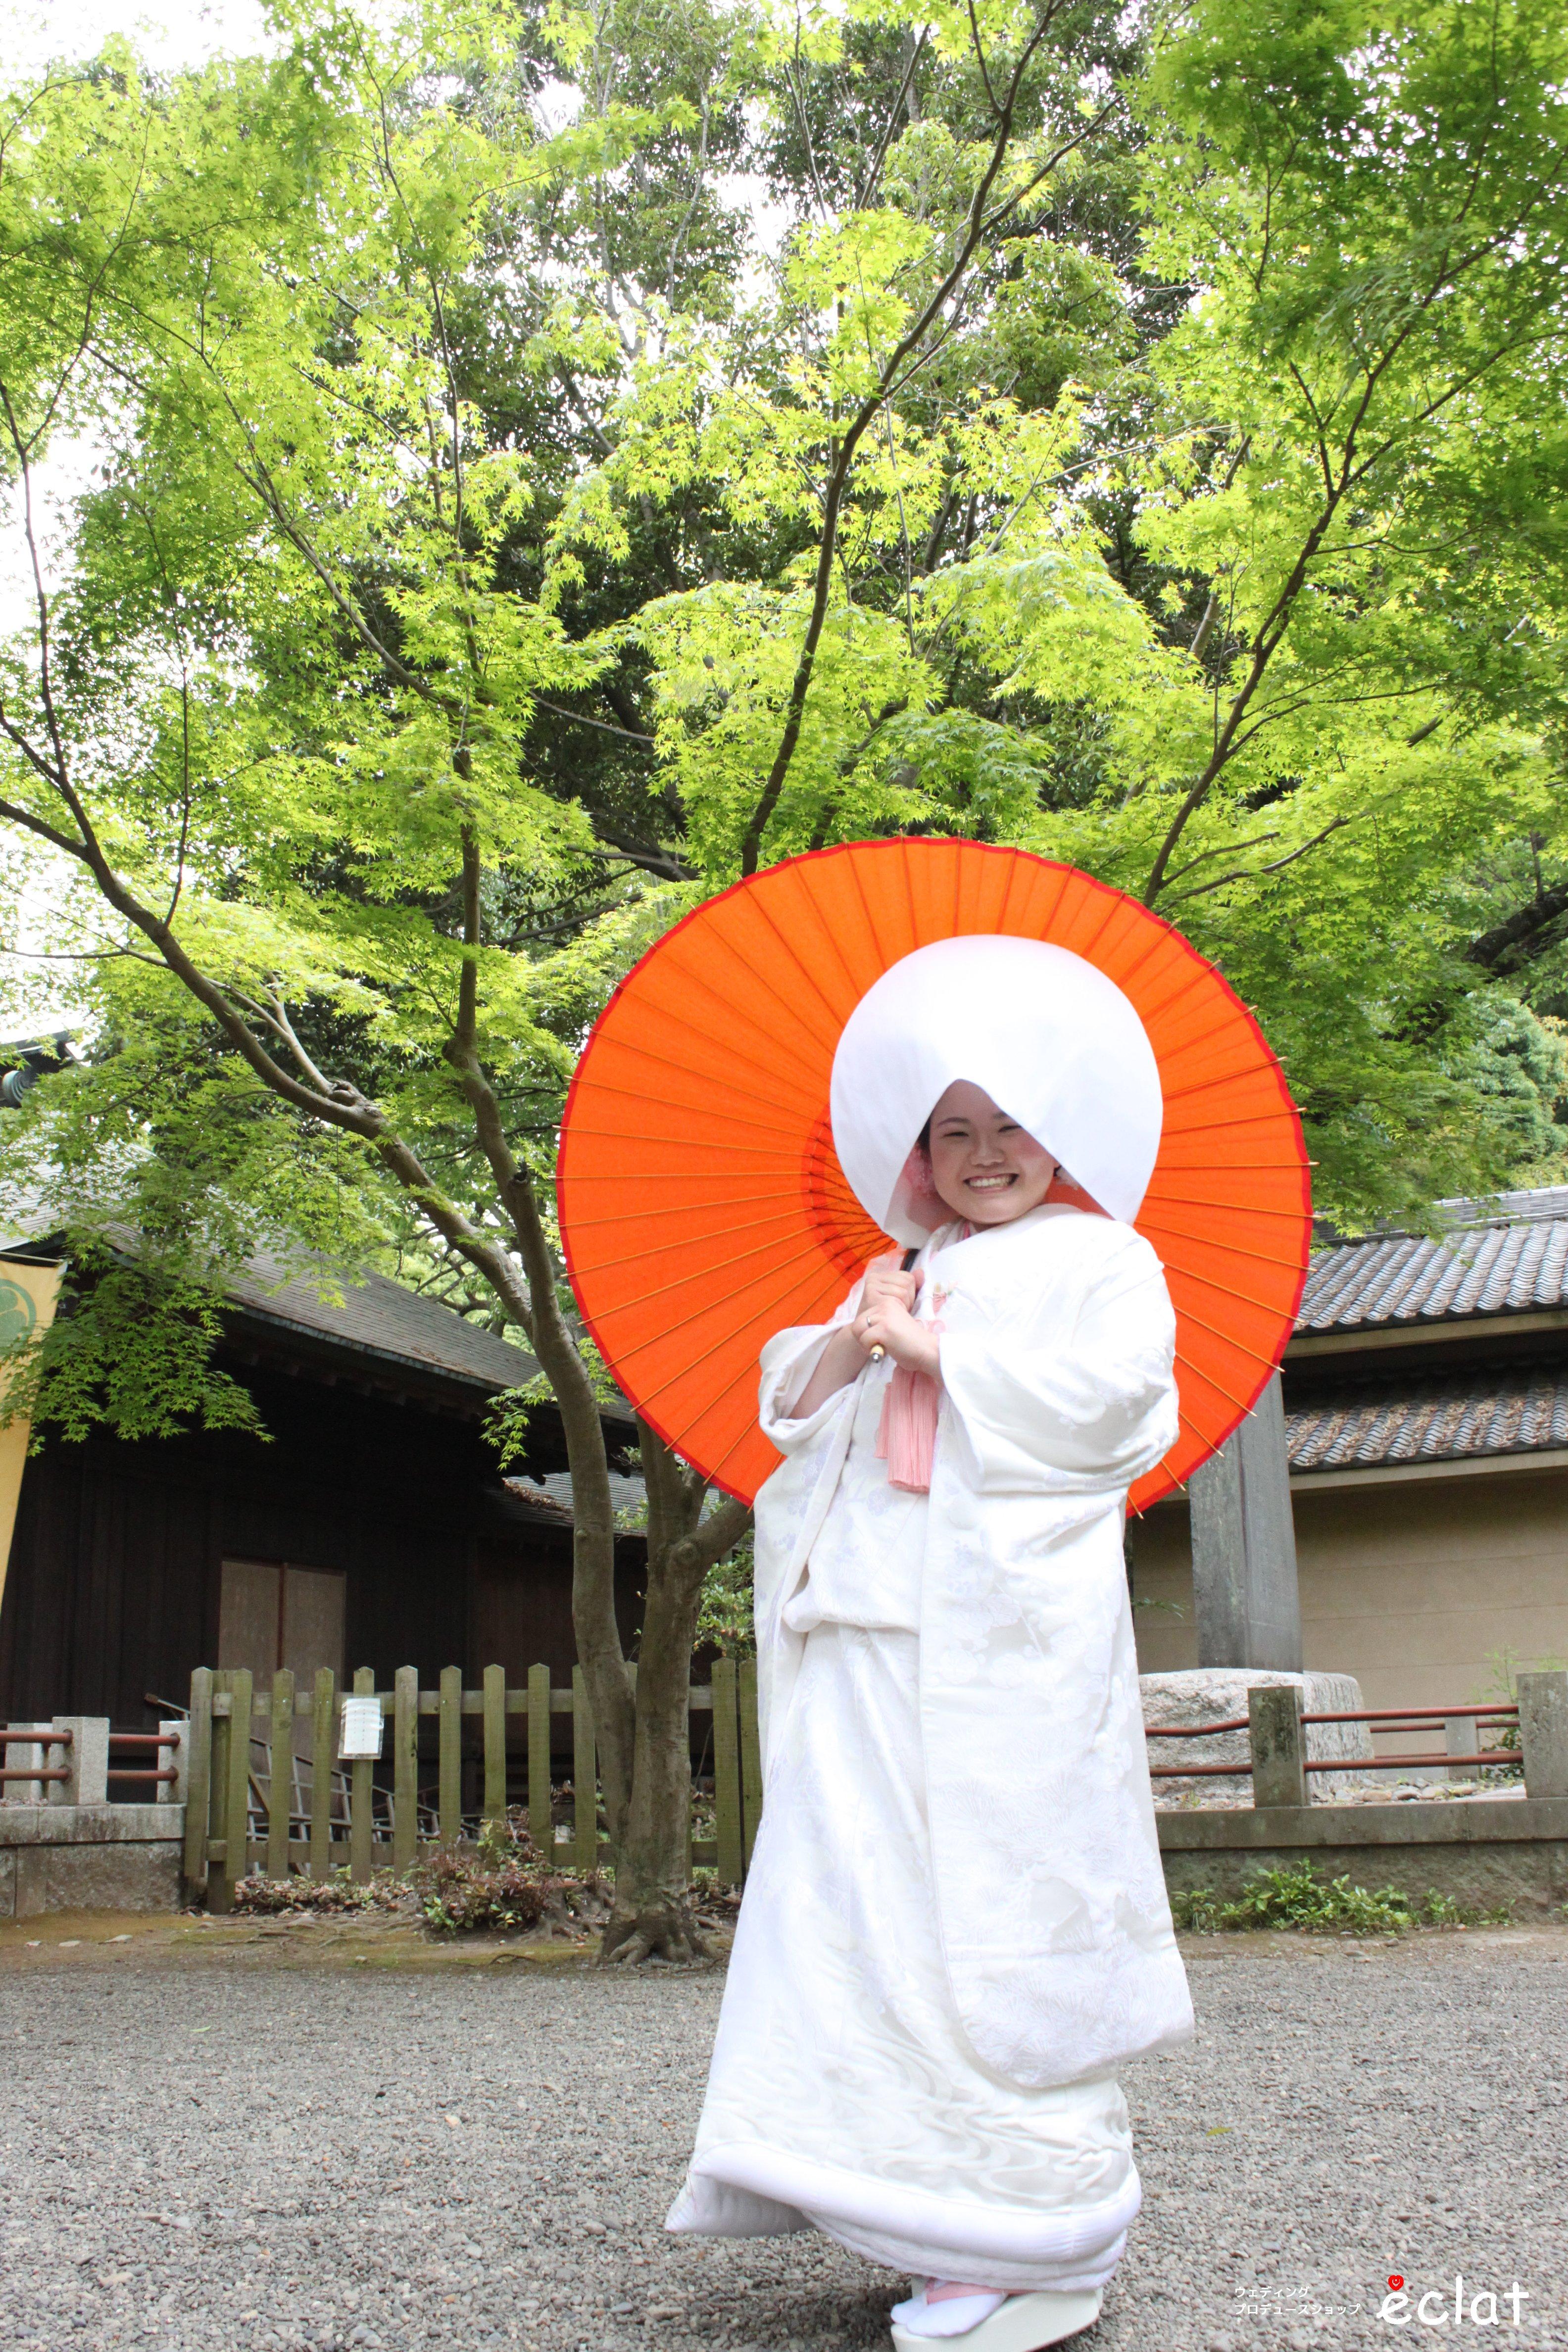 水戸神社挙式 常磐神社 ウェディングプロデュースショップエクラ